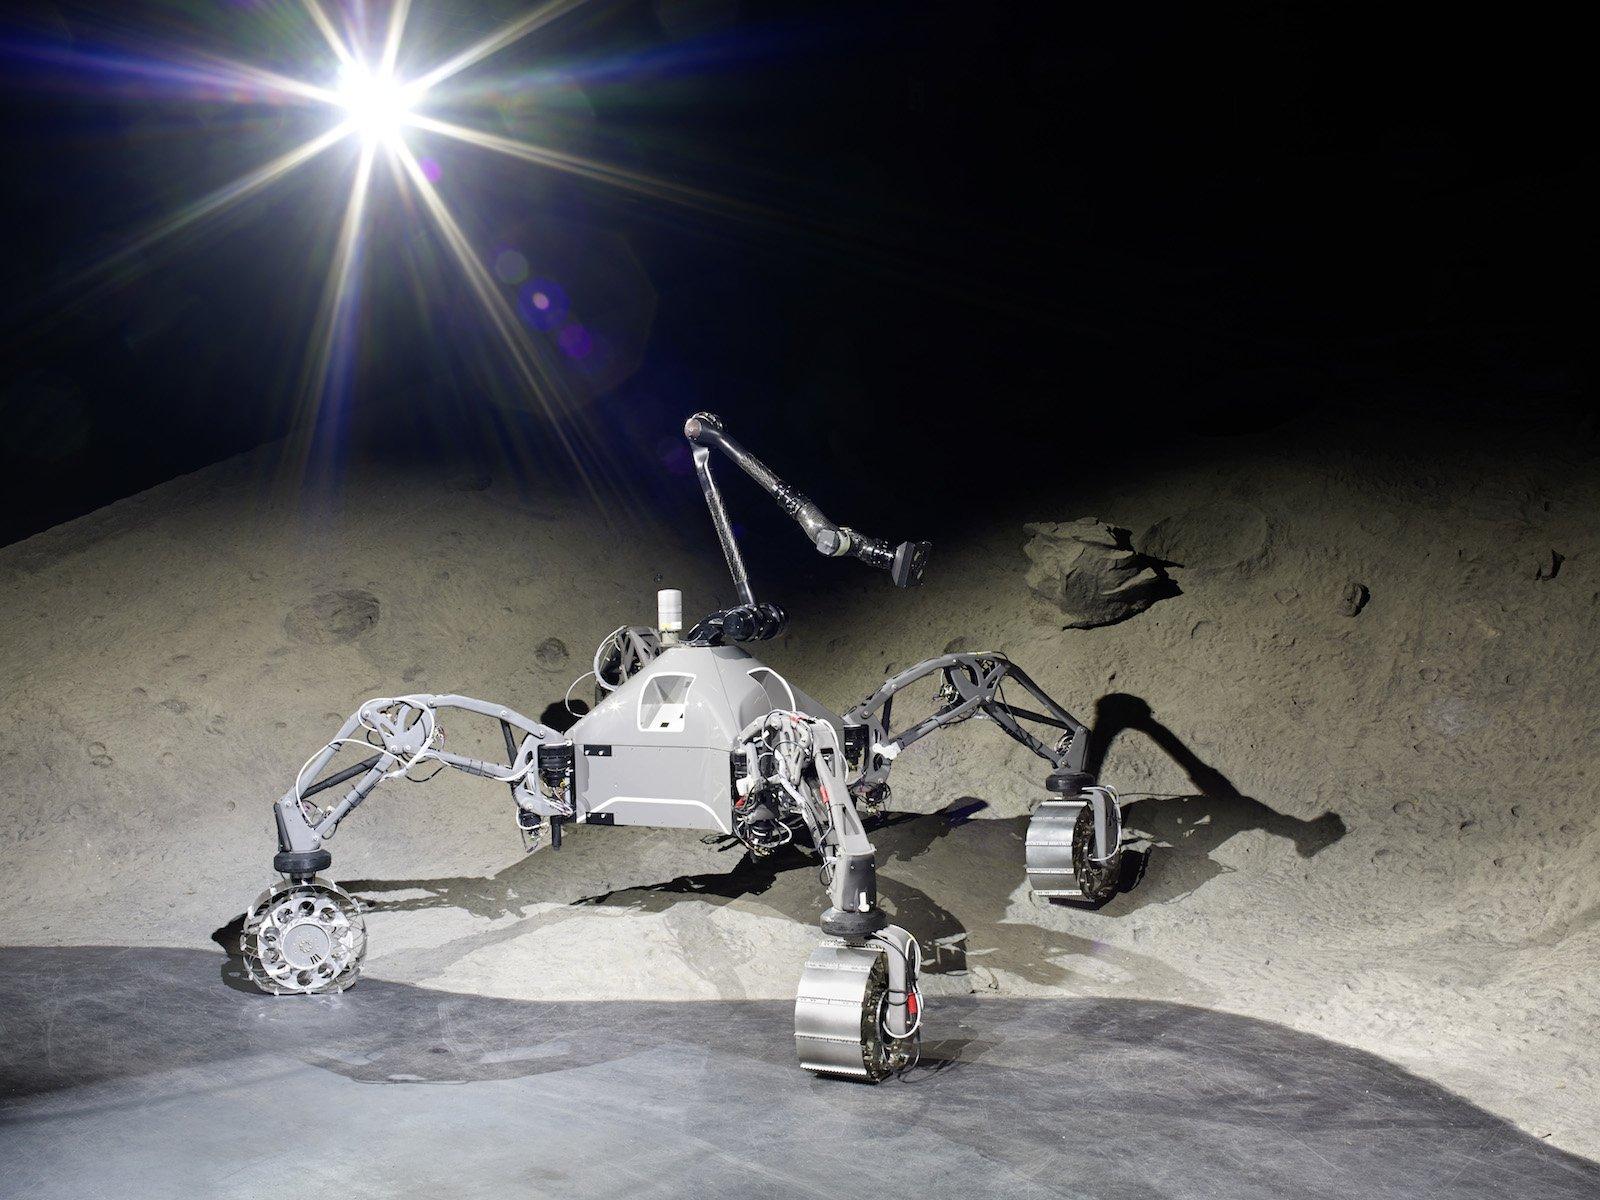 Schon mal zuhause geübt: SherpaTT in der Weltraumexplorationshalle des DFKI in Bremen.Der hybride Rover kann schreiten und fahren. Lasten tragen gehört auch zu seinen Aufgaben, wie sein Name schon vermuten lässt.